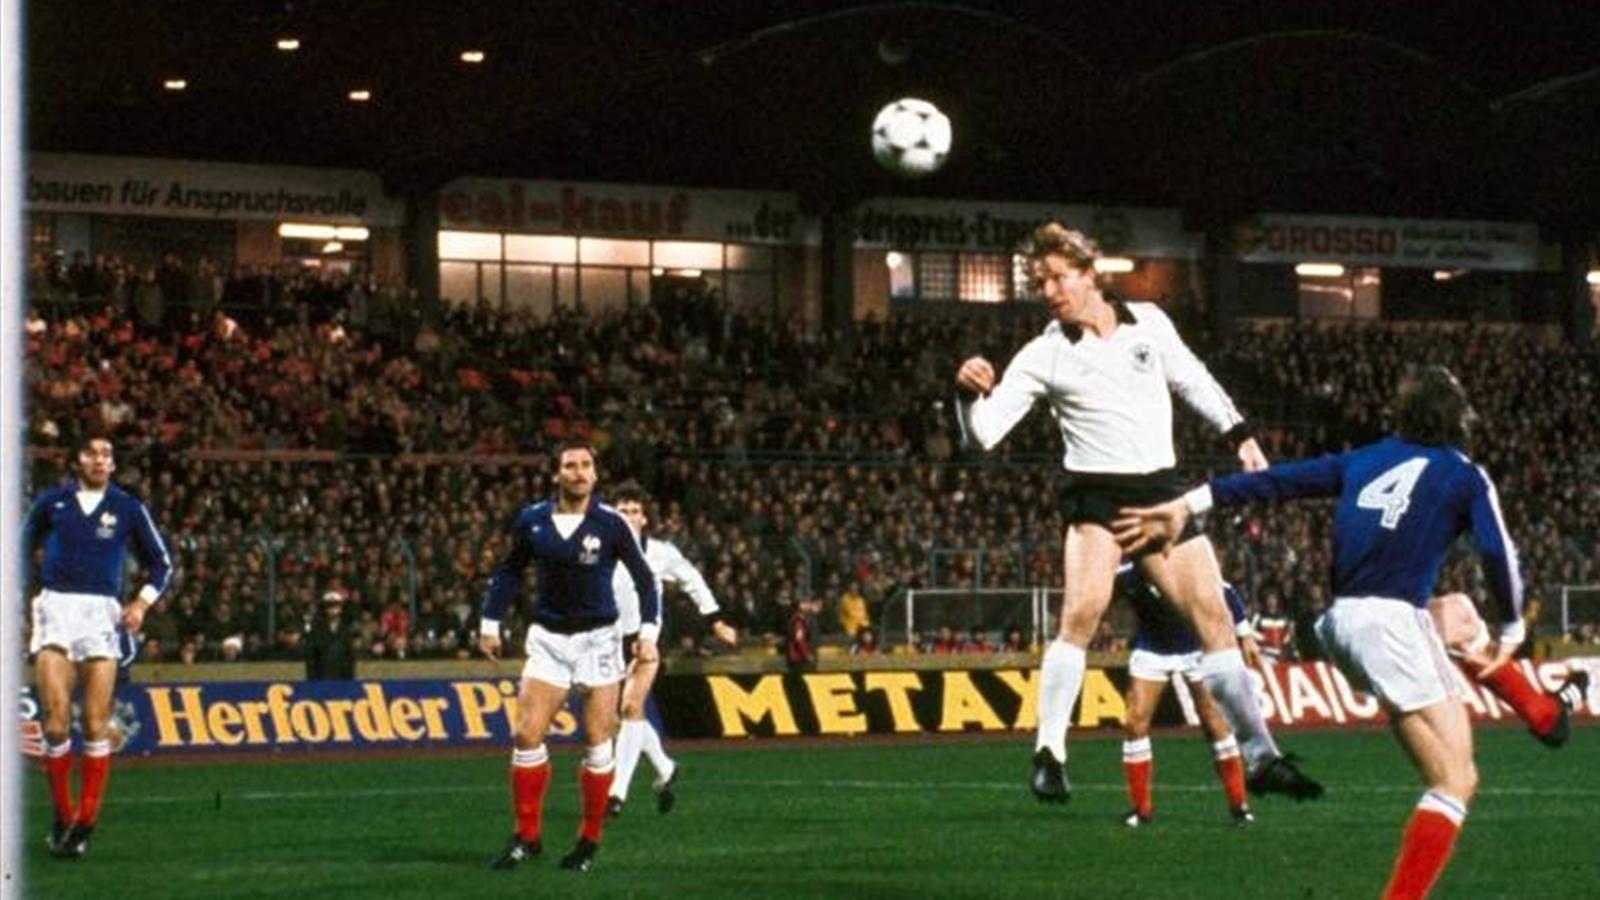 Coupe du monde 2014 france allemagne c 39 est si bon coupe du monde 2014 football eurosport - Coupe du monde de football 1982 ...